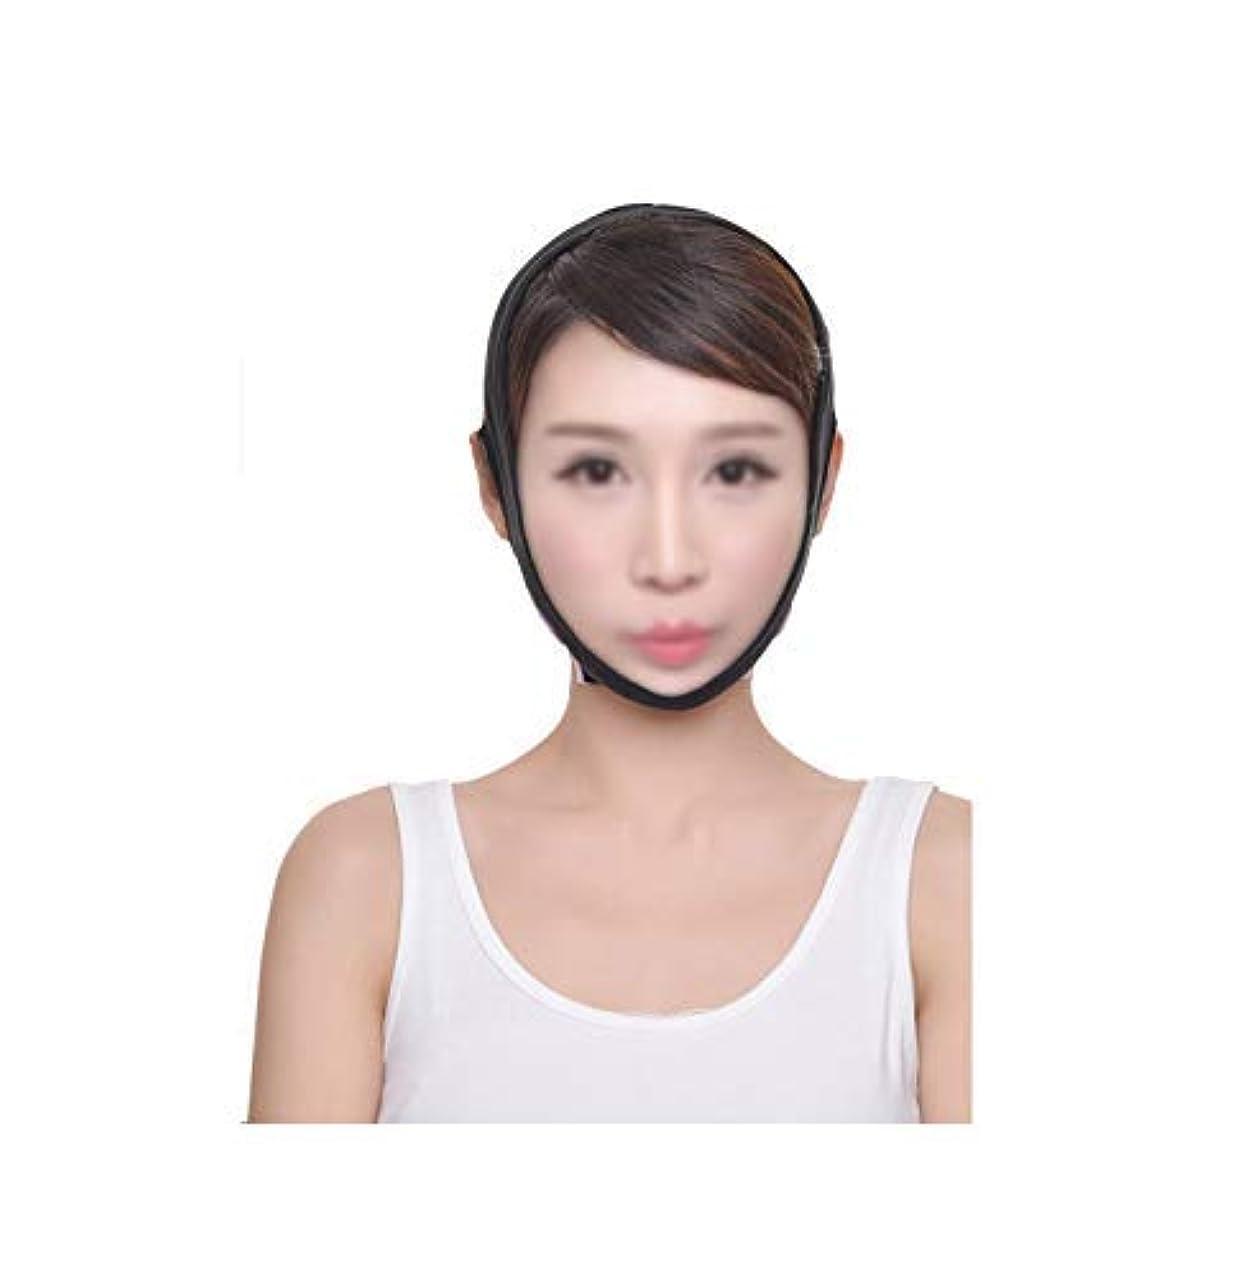 リー難民センブランスファーミングフェイスマスク、フェイスリフティングアーティファクト脂肪吸引術術後整形二重あご美容マスクブラックフード(サイズ:L)